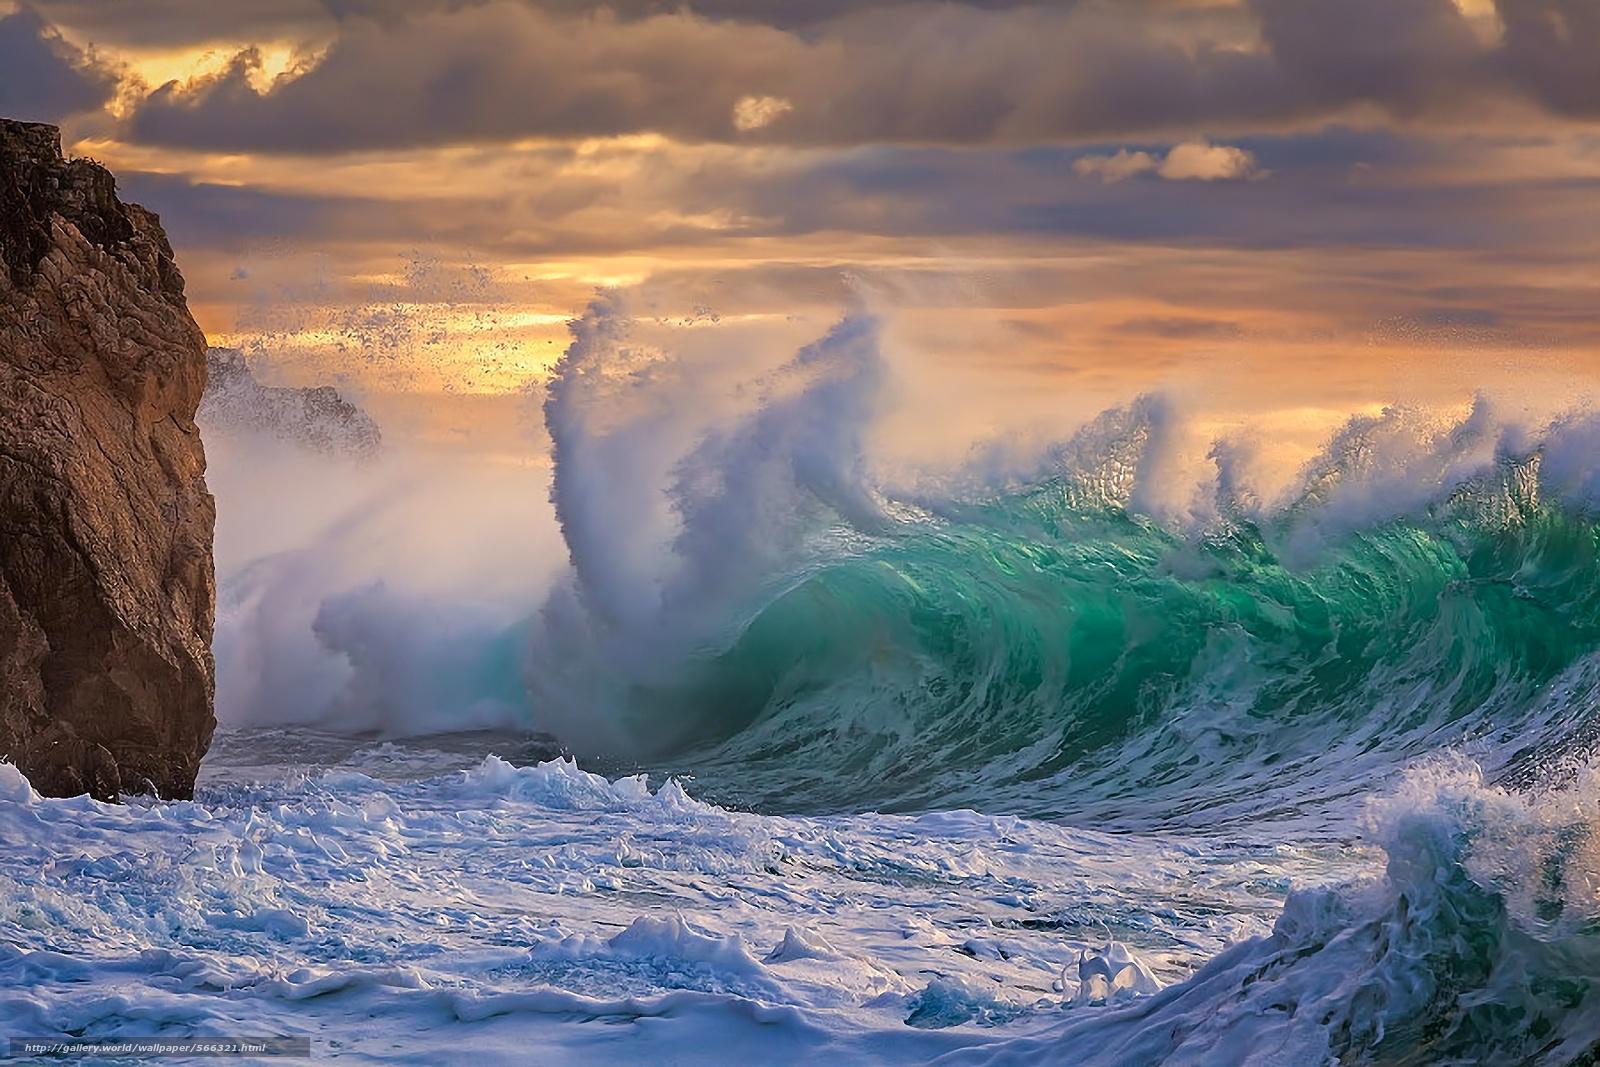 Скачать обои море океан шторм стихия